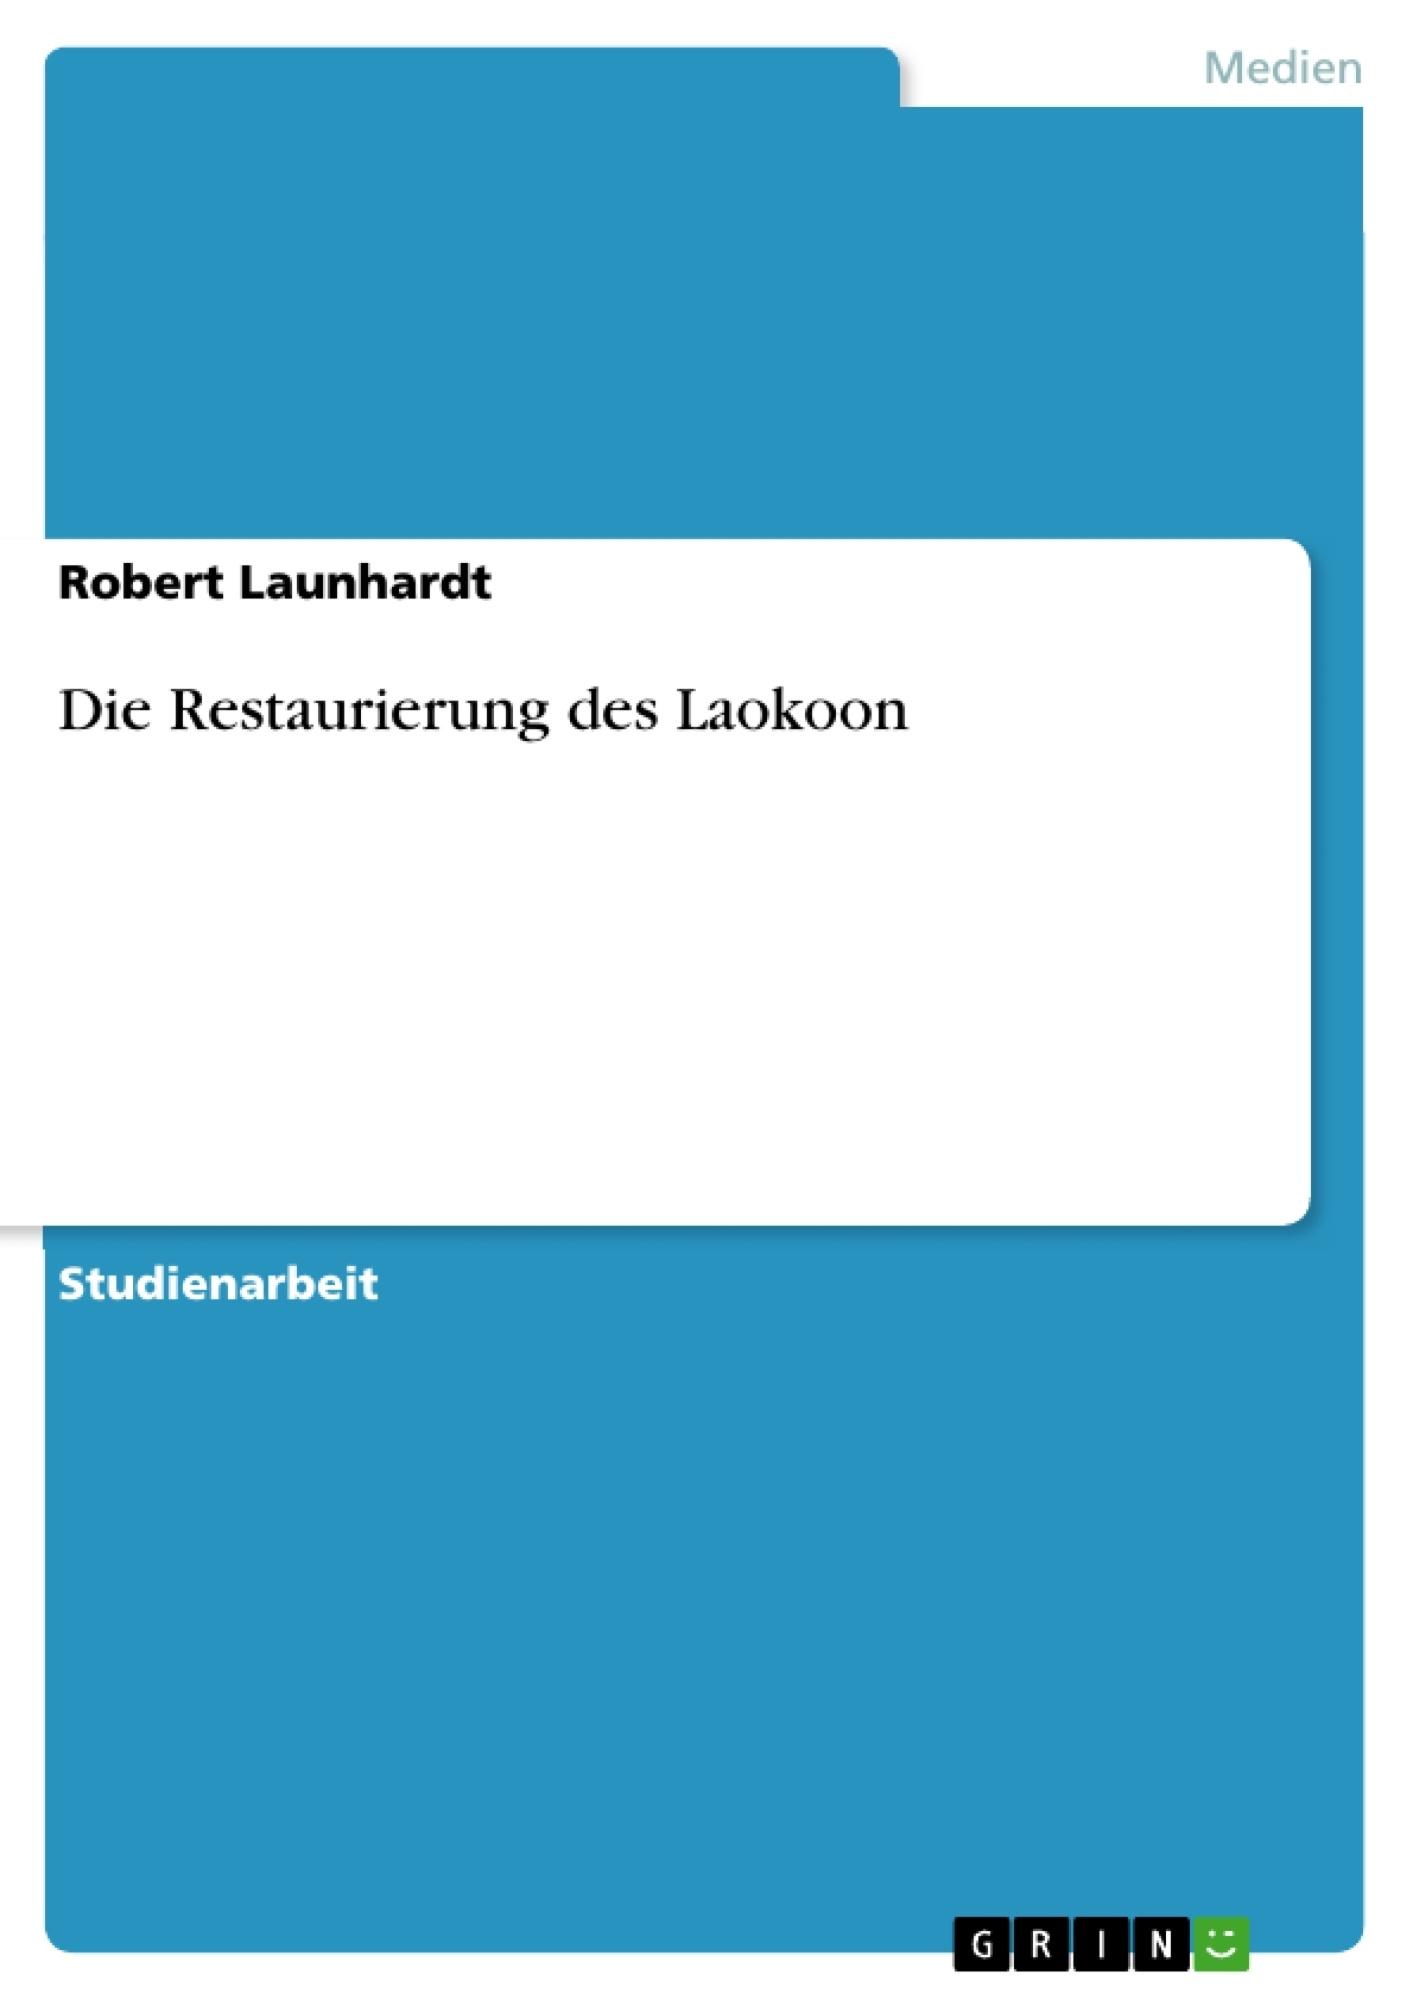 Titel: Die Restaurierung des Laokoon